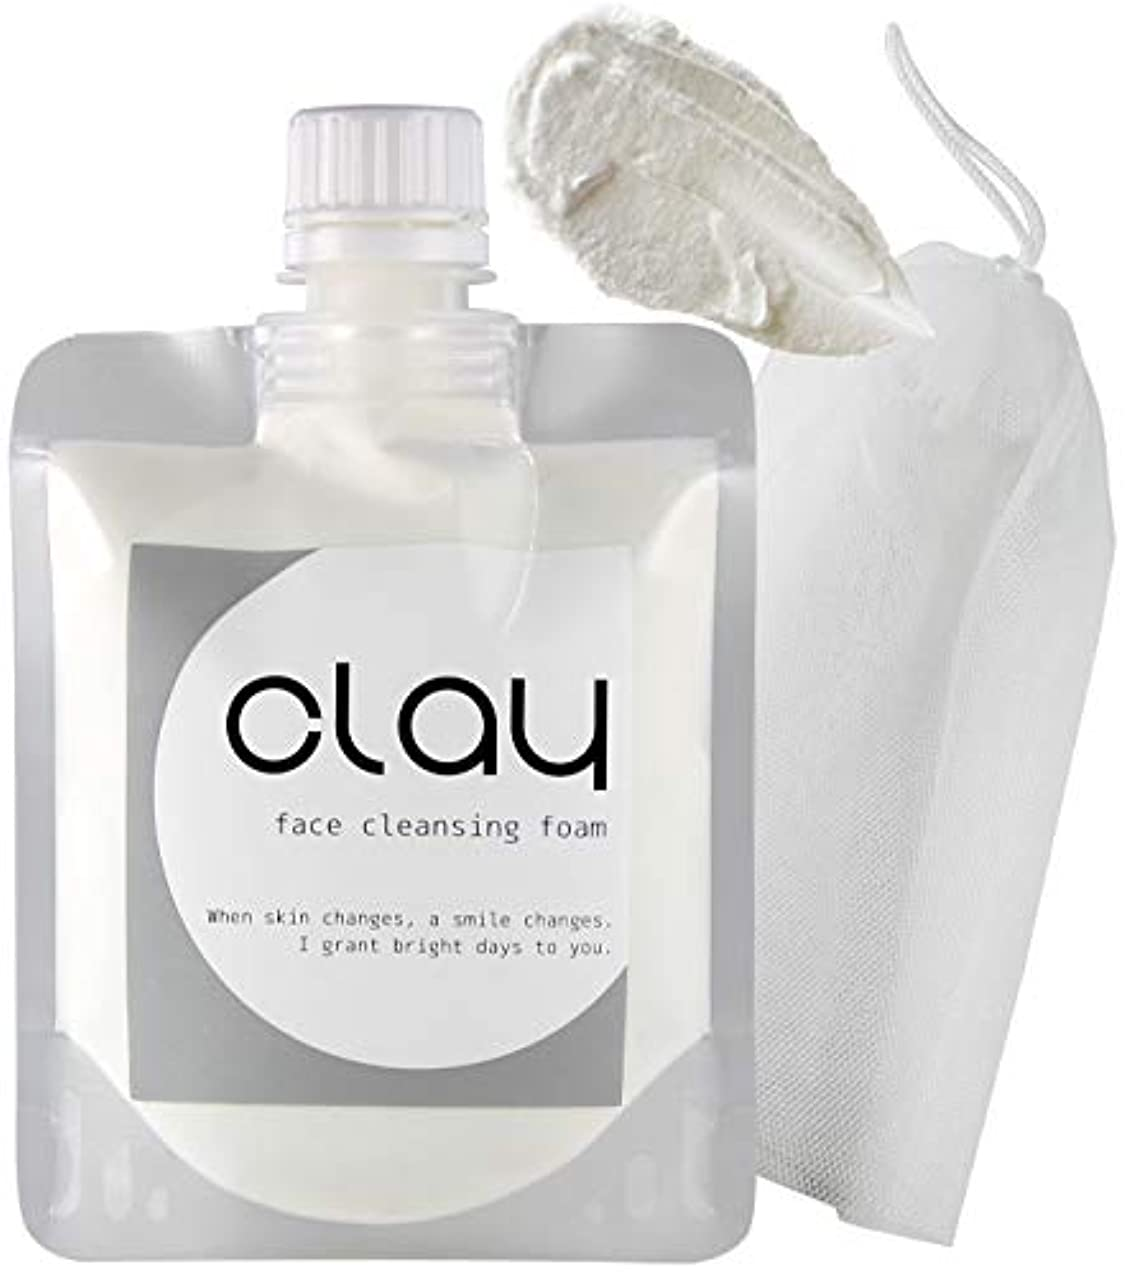 信頼できる無視できるクリップ蝶STAR'S クレイ 泥 洗顔 オーガニック 【 毛穴 黒ずみ 開き ザラ付き 用】「 泡 ネット 付き」 40種類の植物エキス 16種類の美容成分 9つの無添加 透明感 柔肌 130g (Clay)